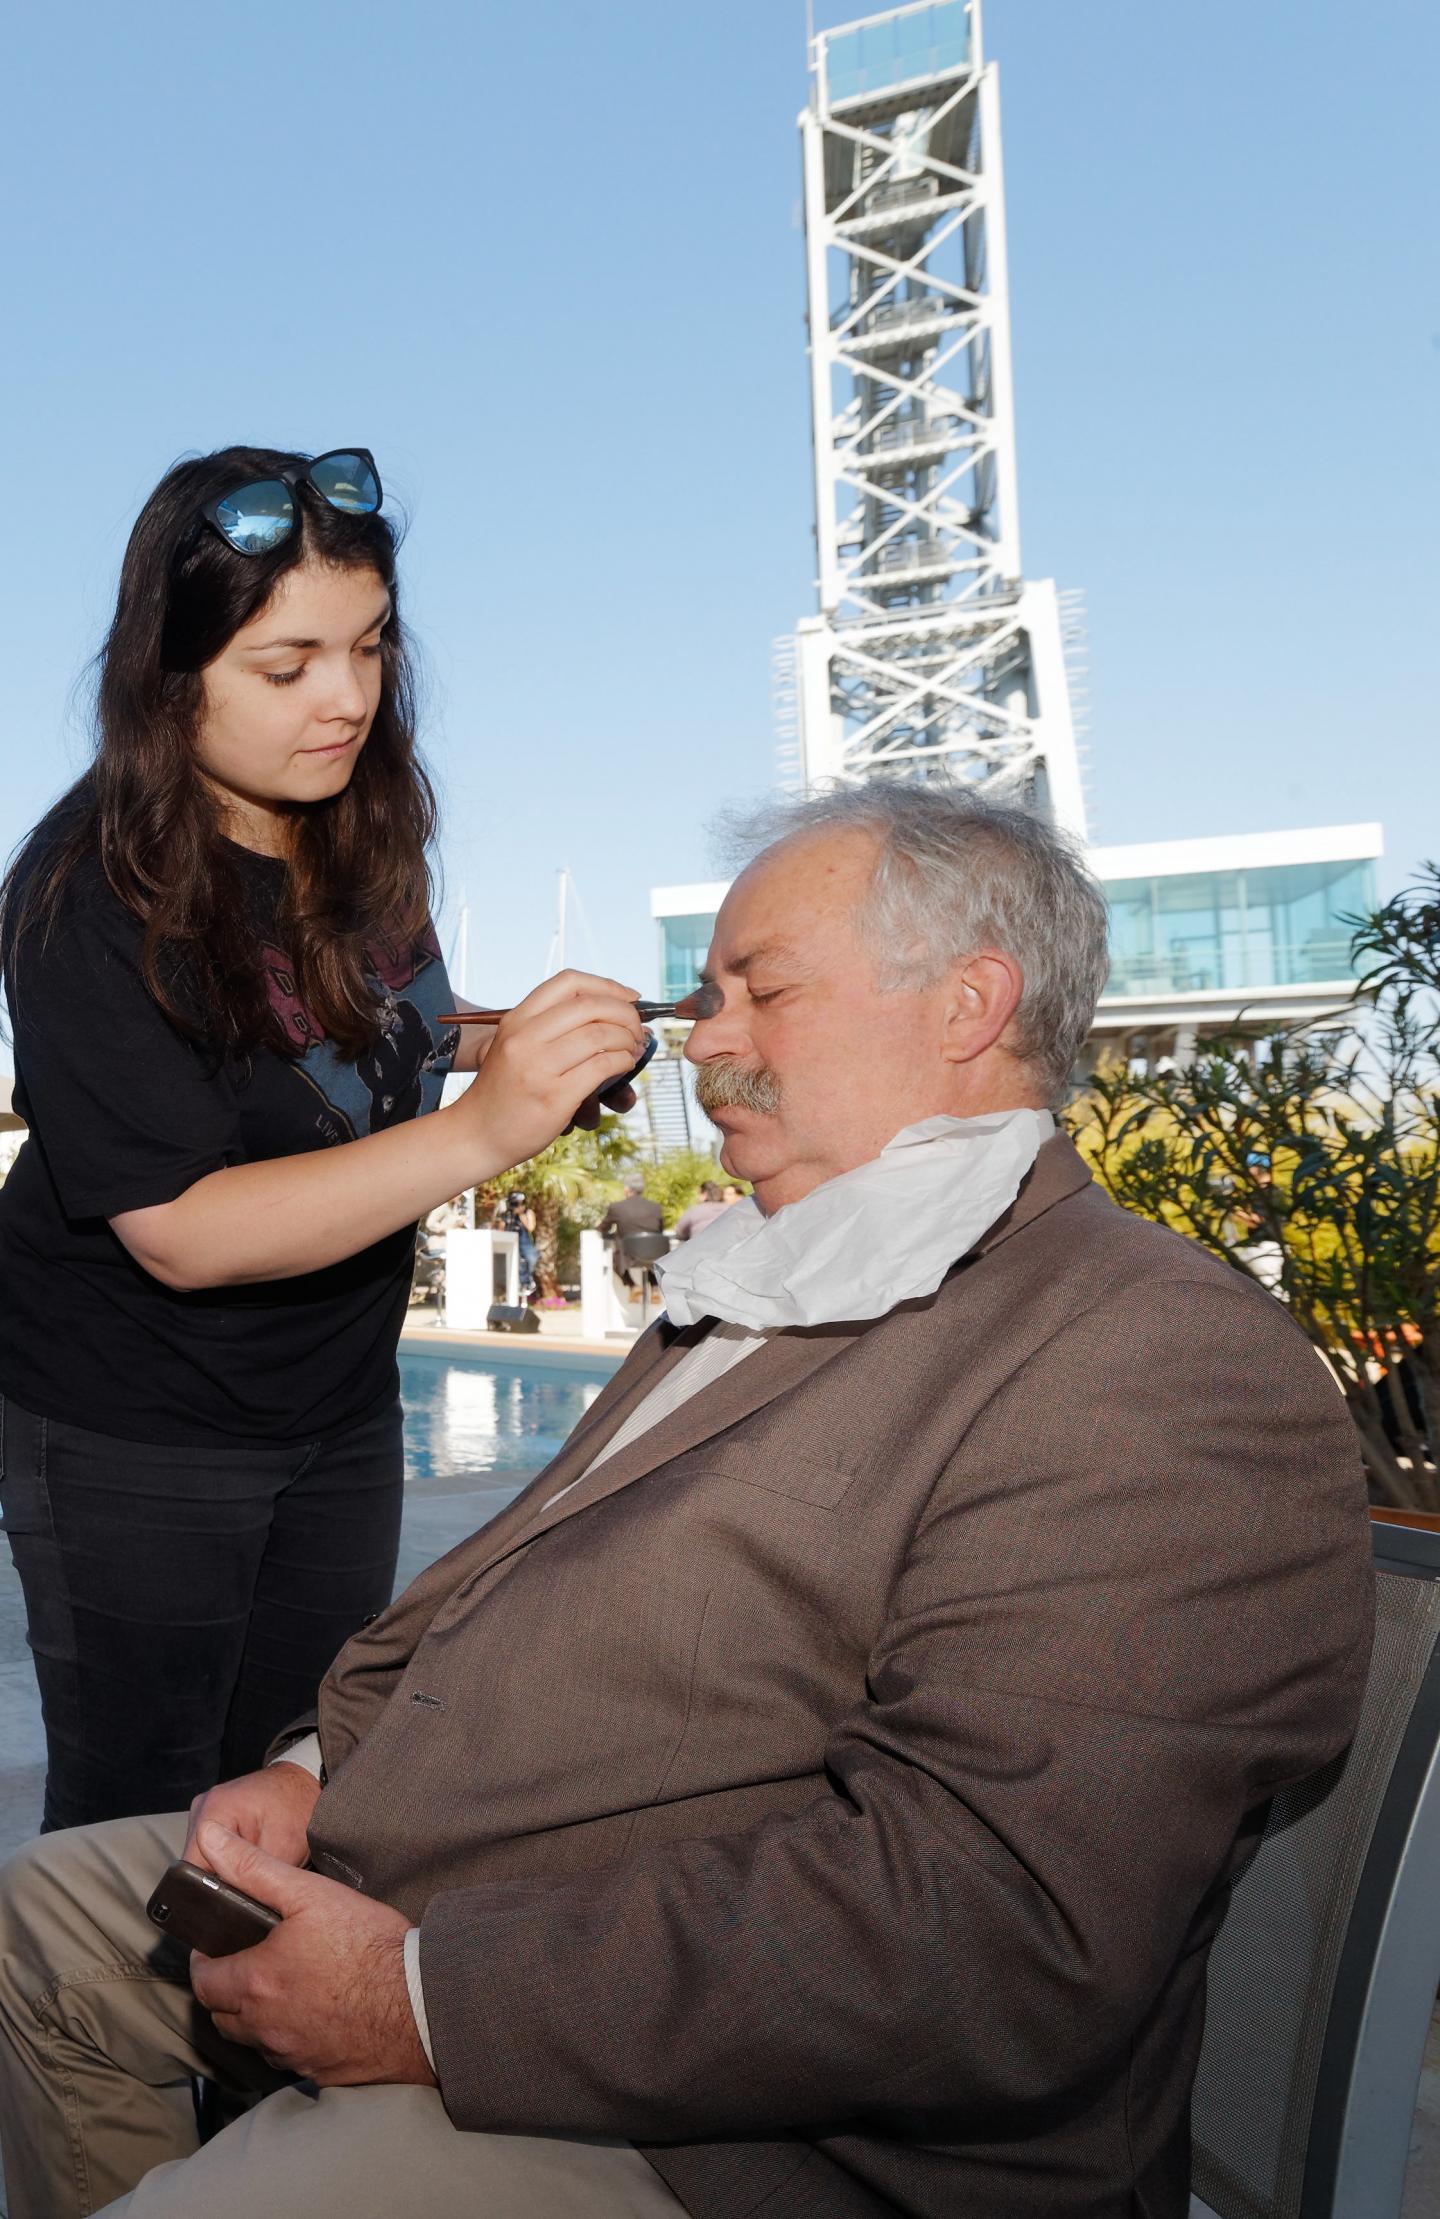 Séance maquillage avant tournage pour le maire de La Seyne, l'un des premiers invités de Var Azur TV.